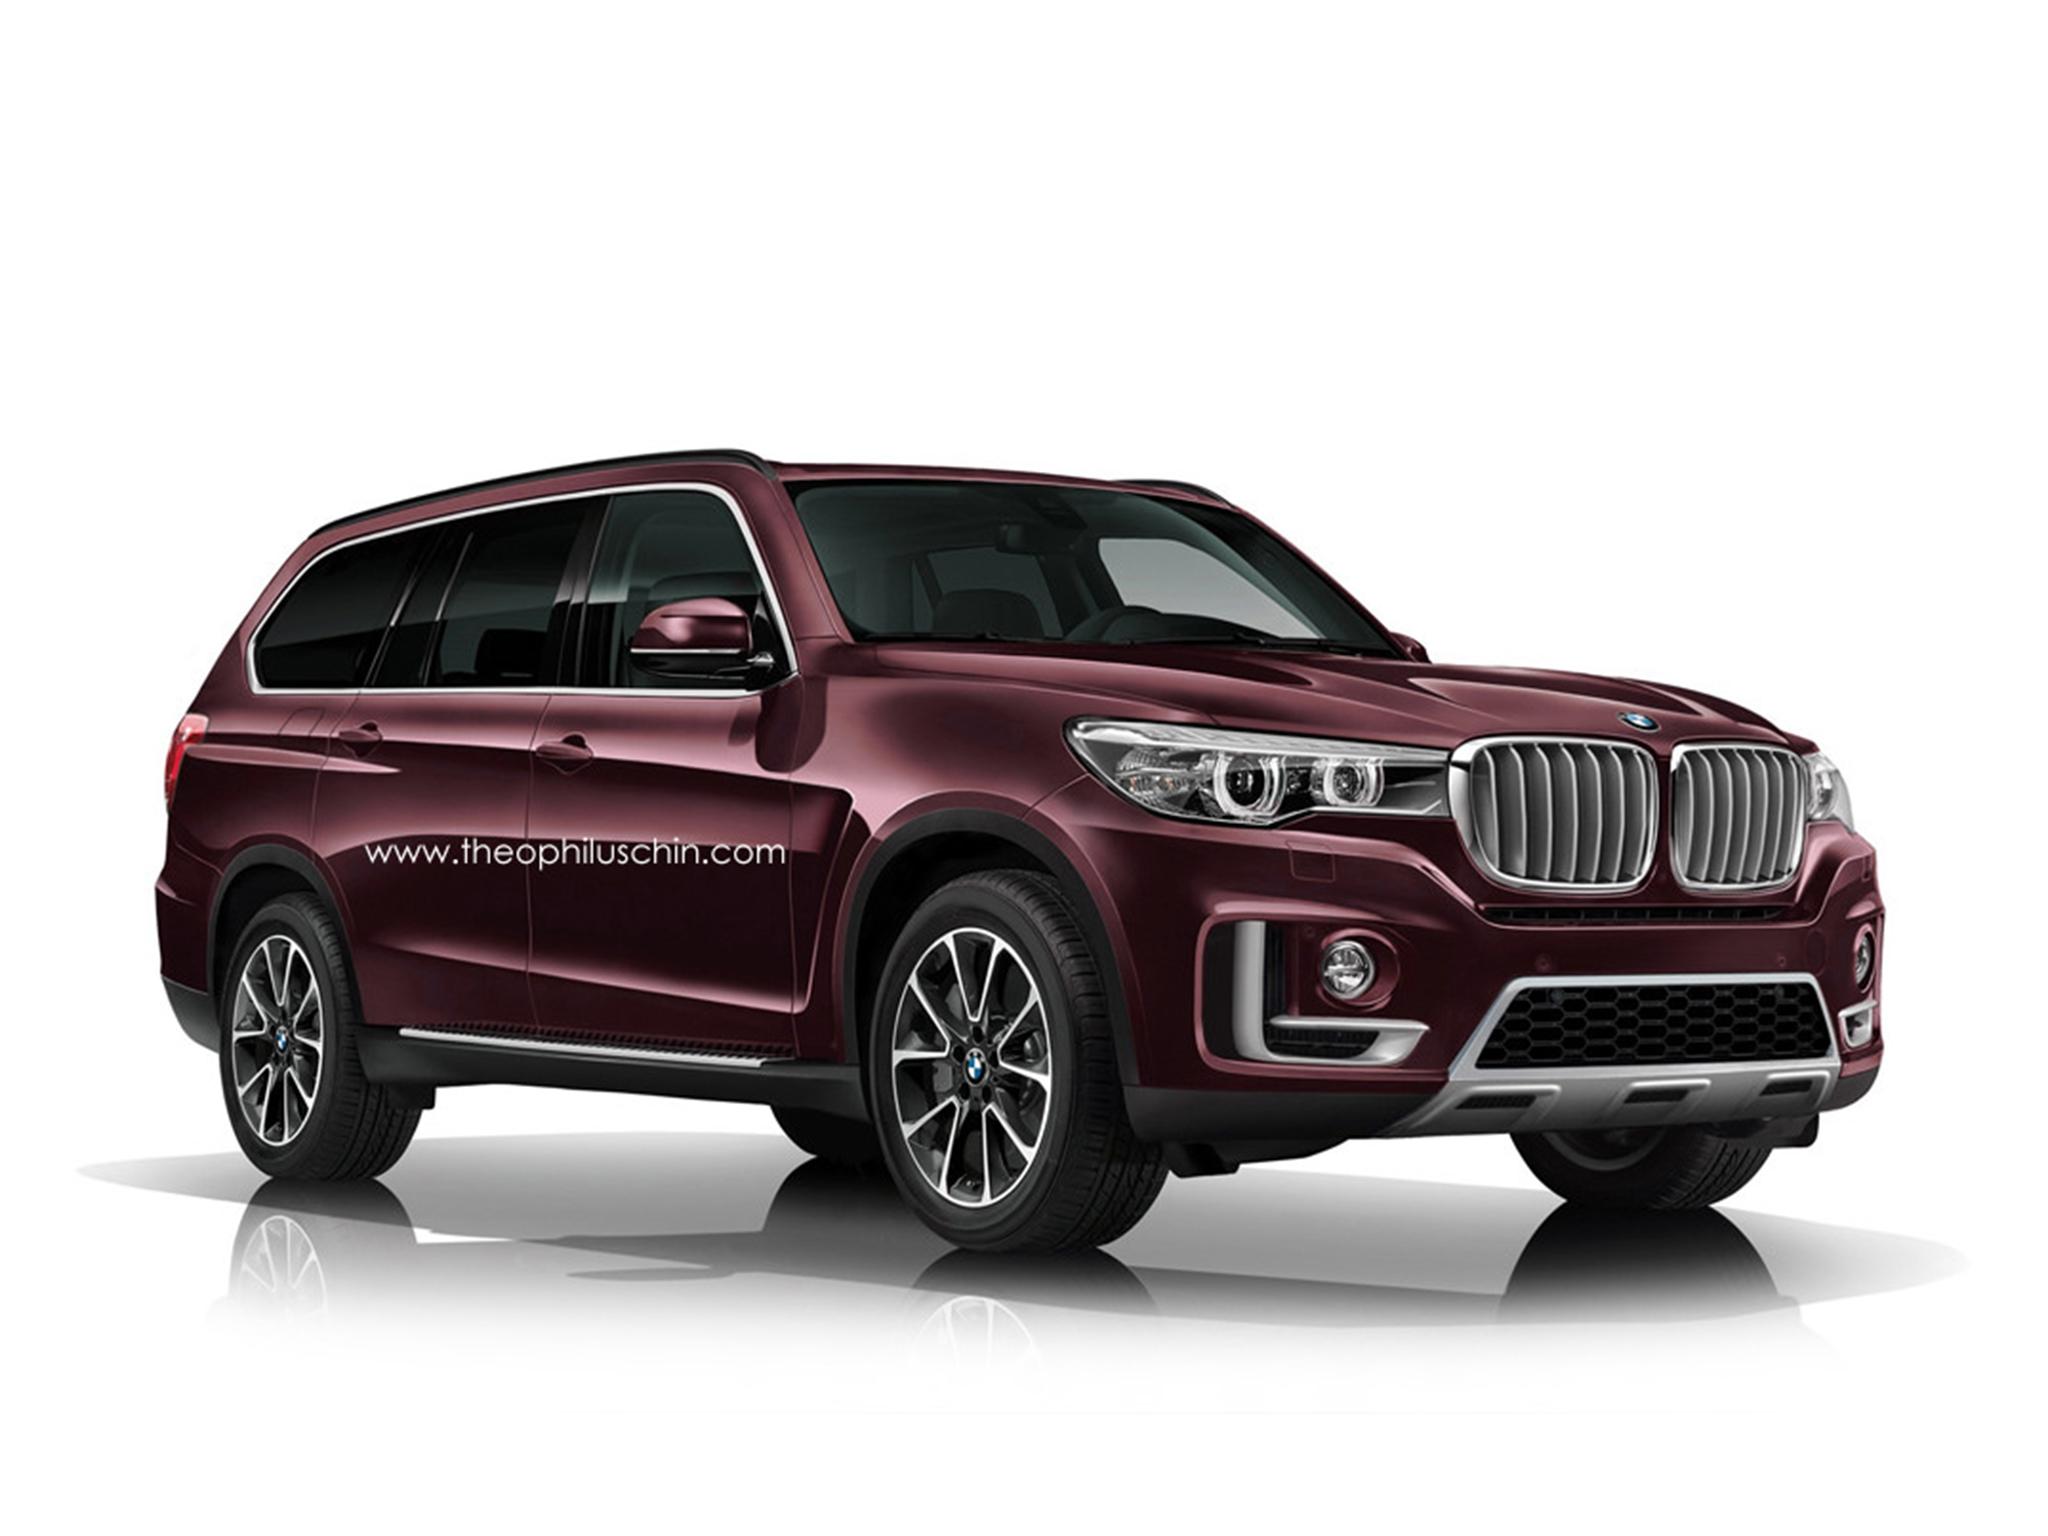 Новый Bmw X7 станет самым роскошным автомобилем баварской